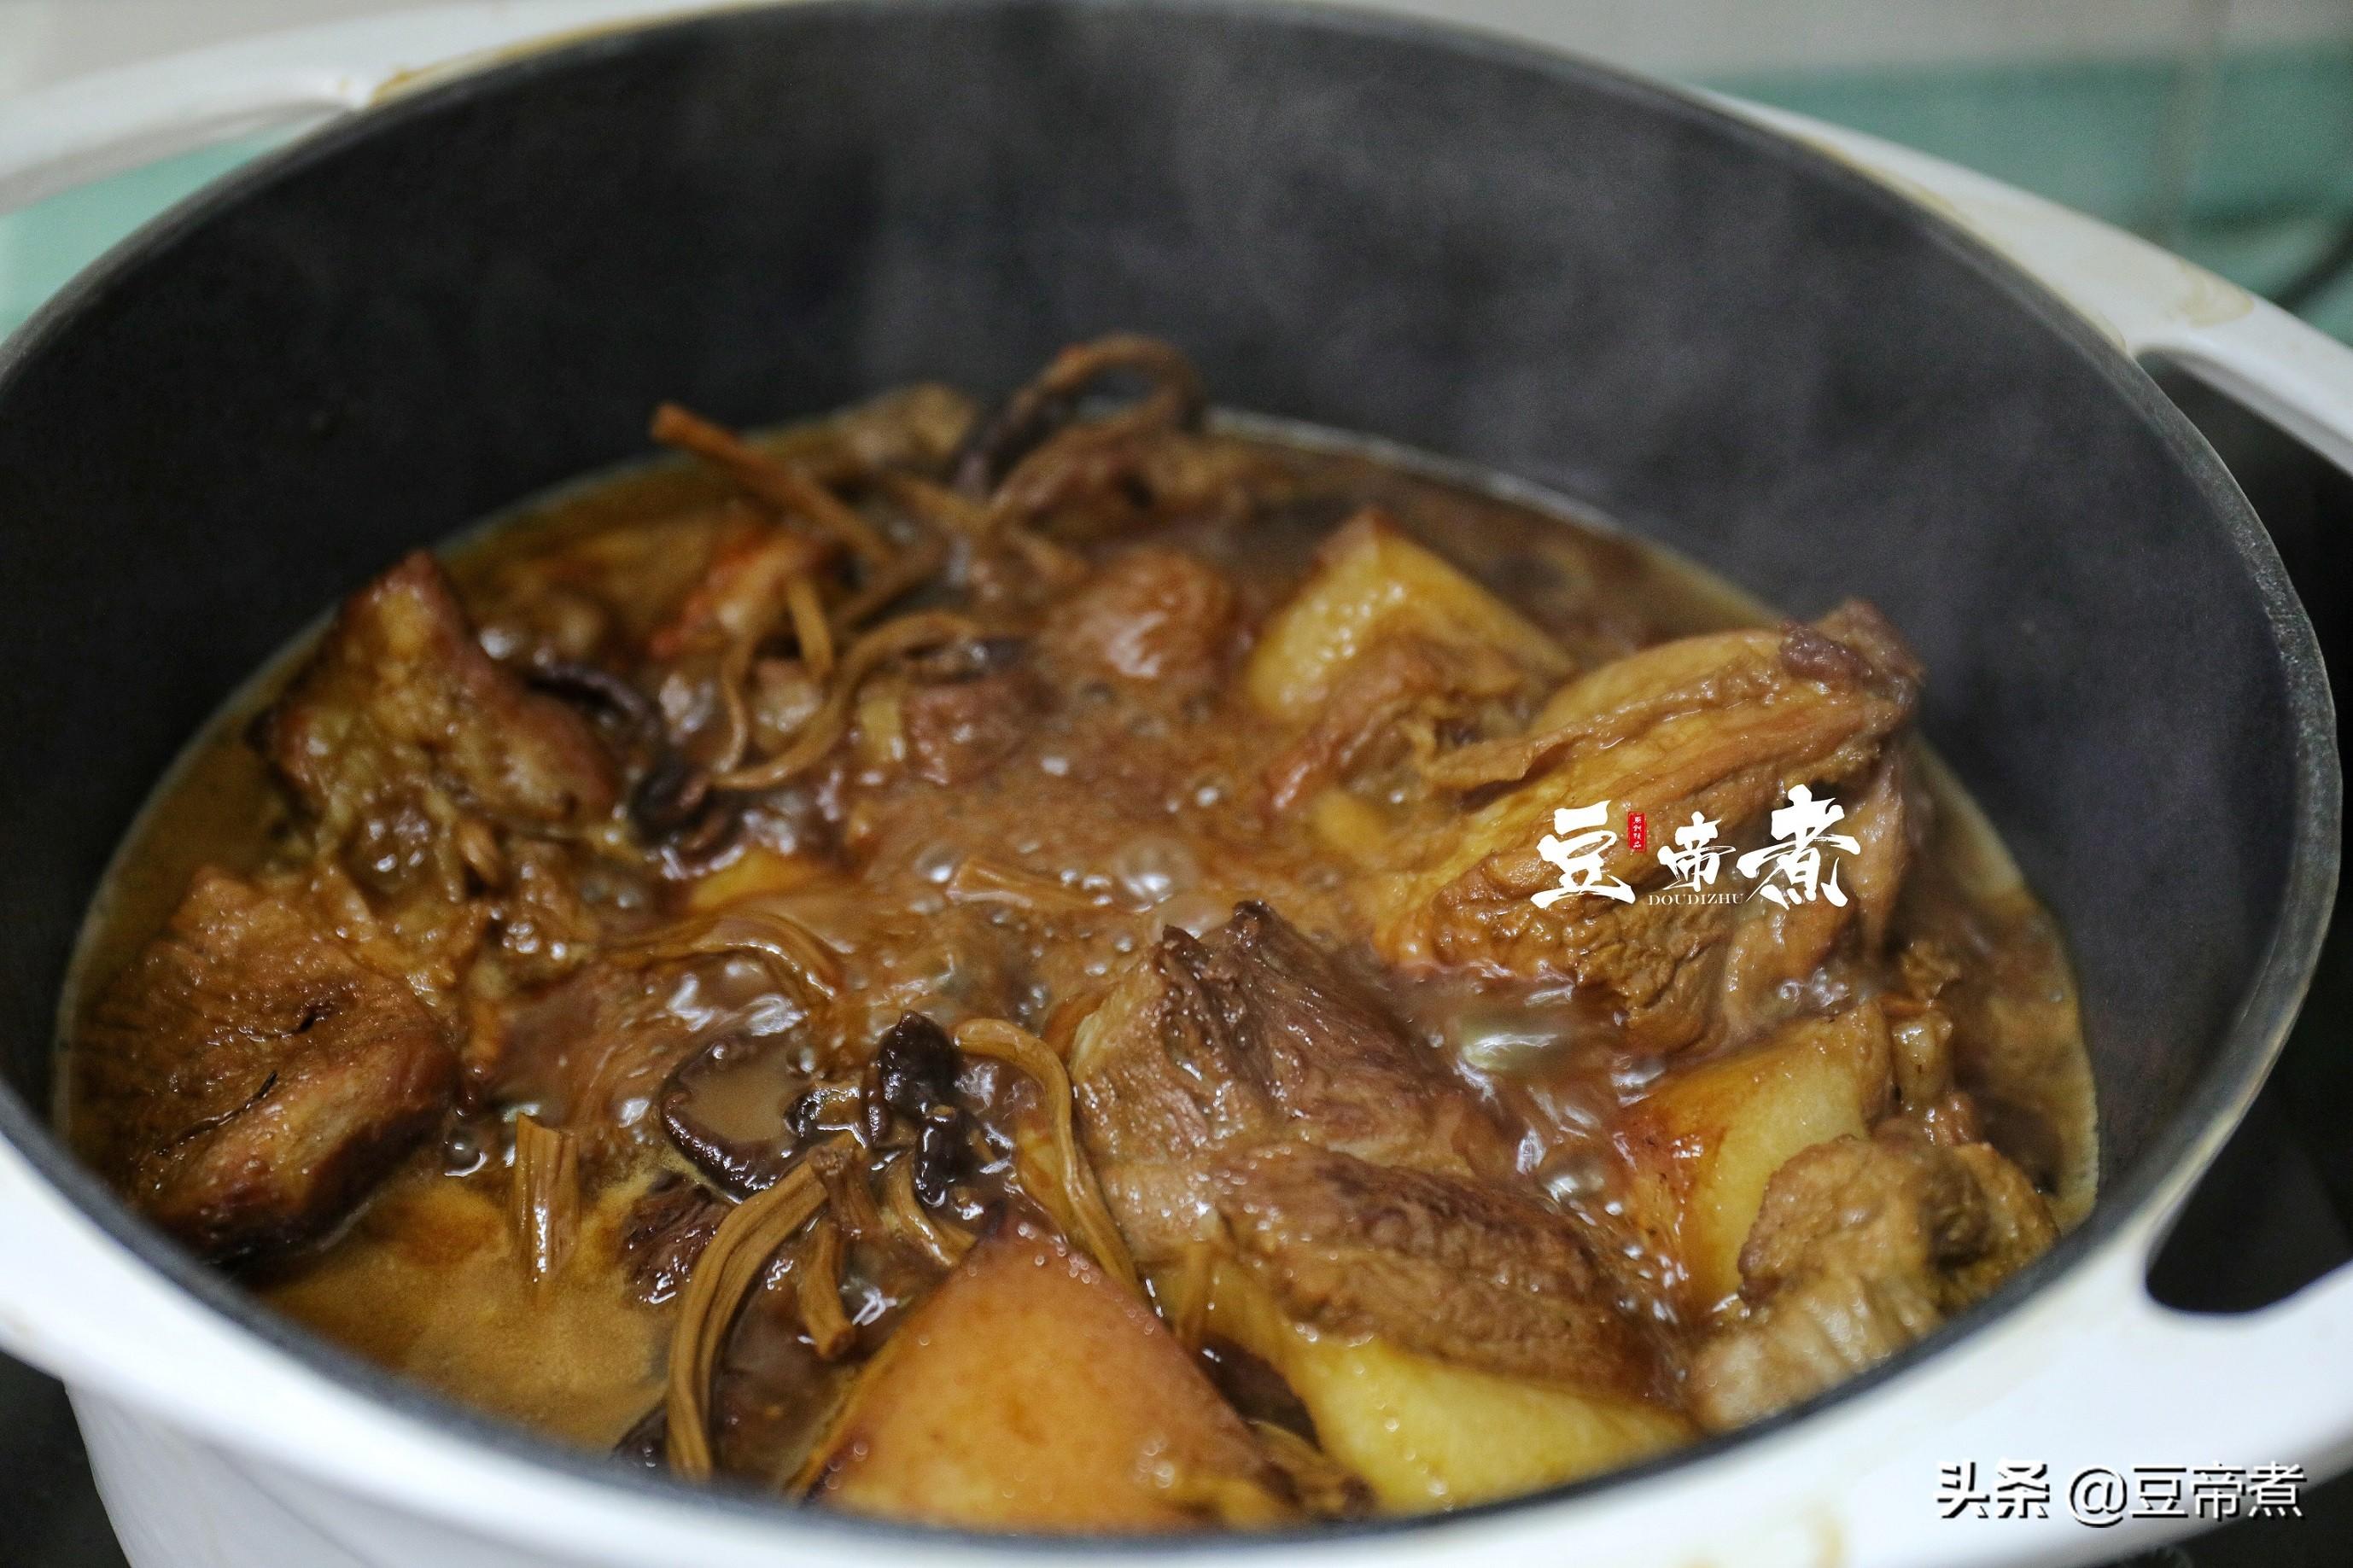 豬肉和它真相配,燜一燜味香肉醇好下飯,燜煮一鍋一頓就吃光光